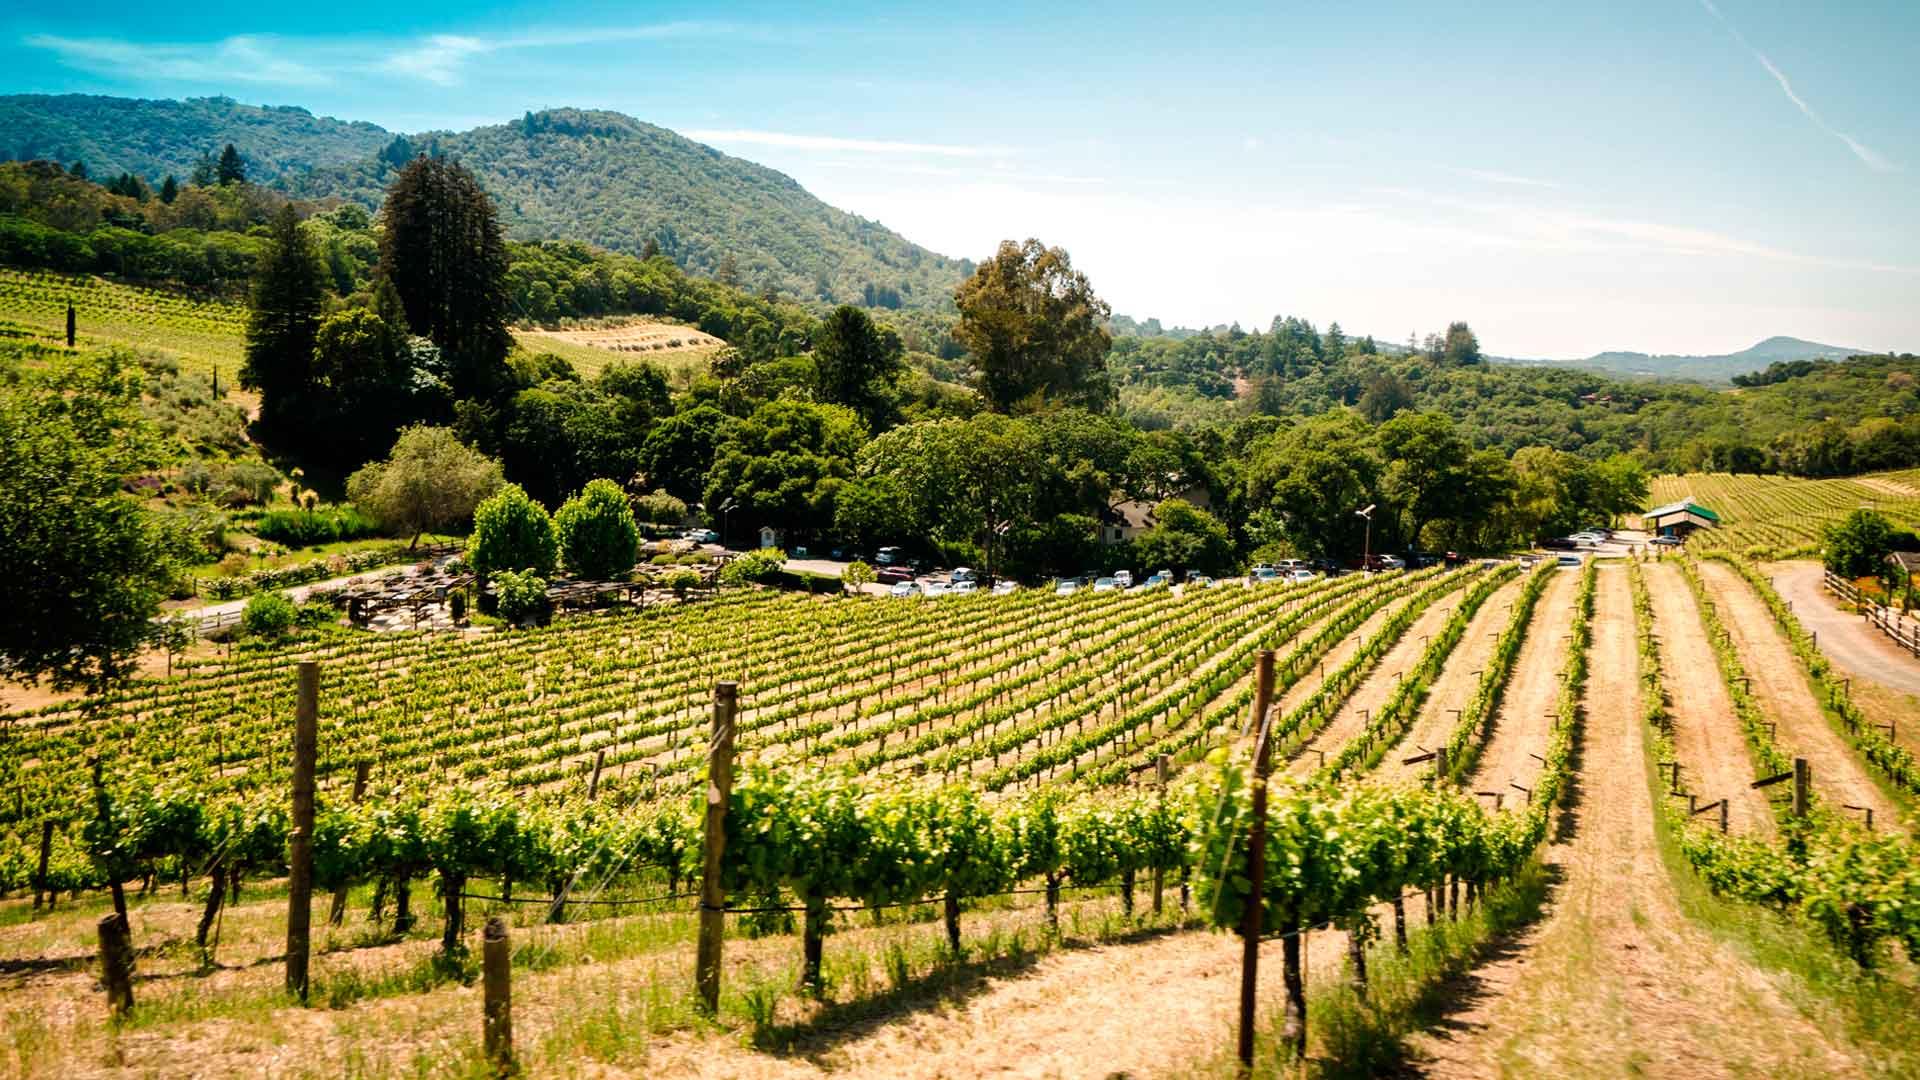 Descubre los vinos de la región del Maule en Chile